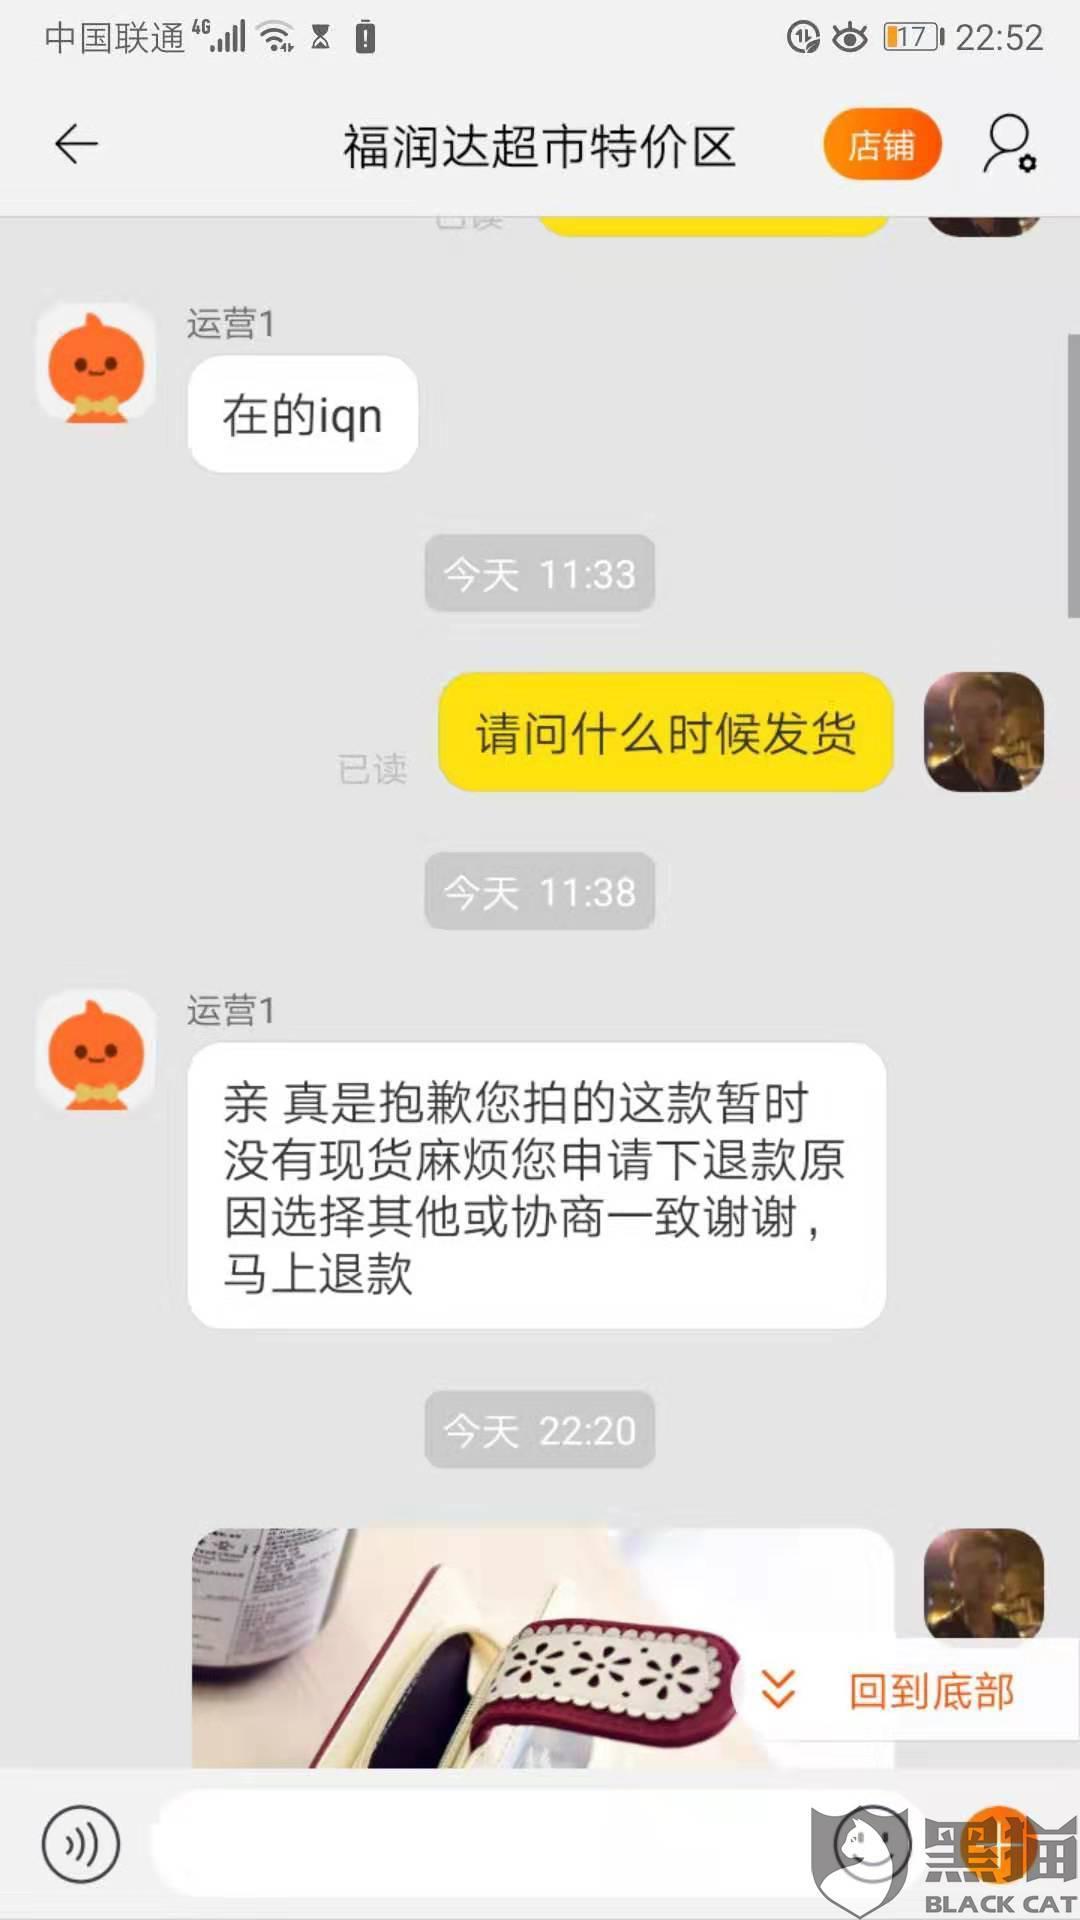 黑猫投诉:淘宝店福润达超市特价区拒不发货